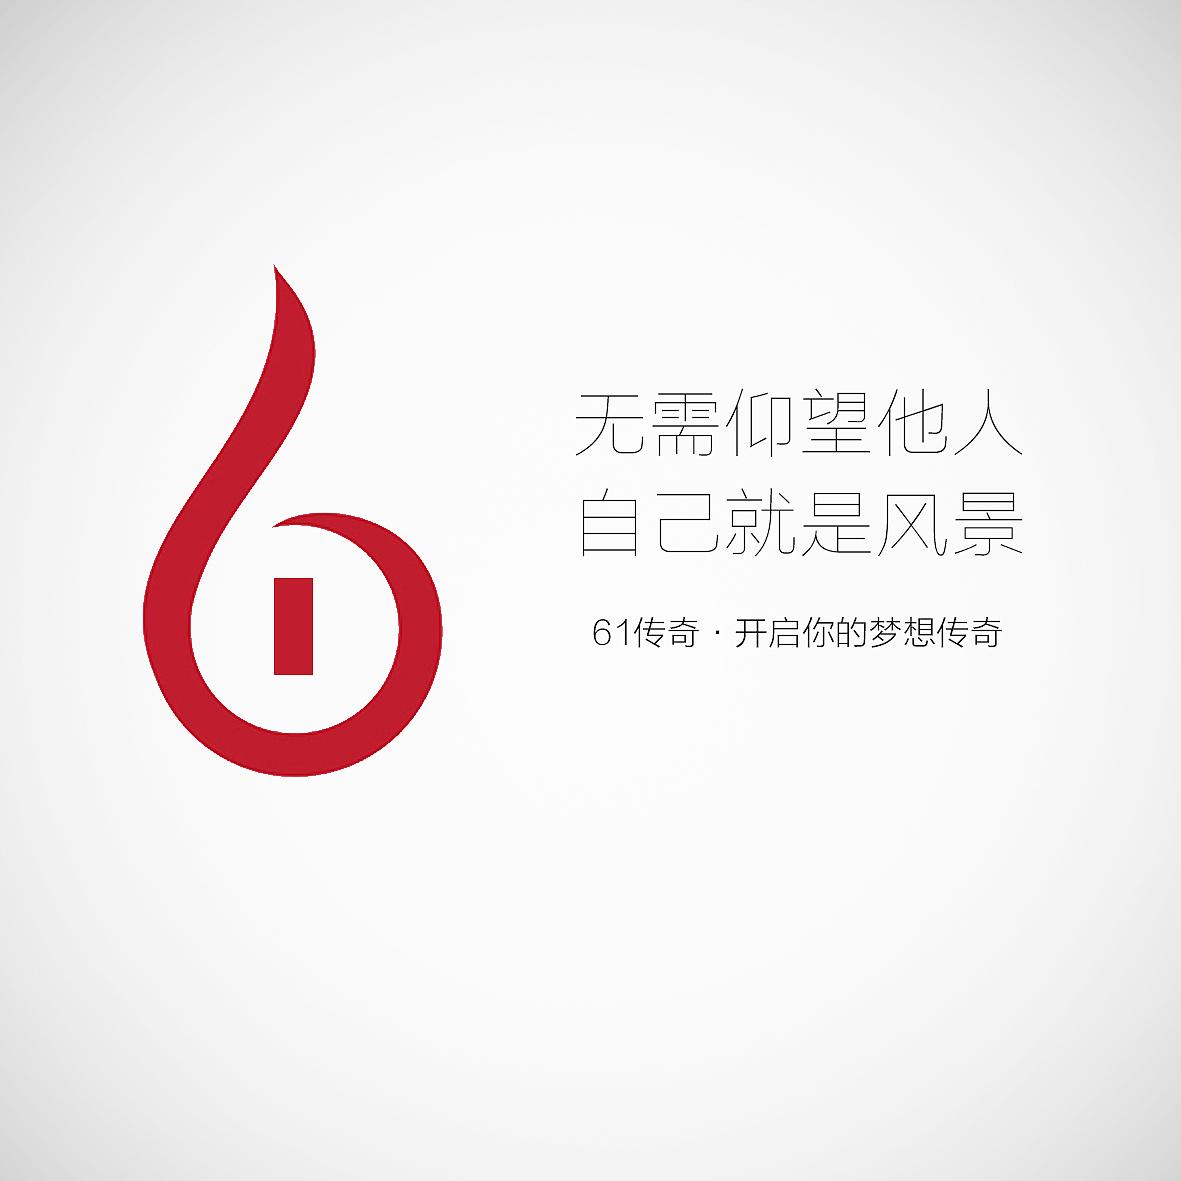 微商团队61传奇的logo设计 图片